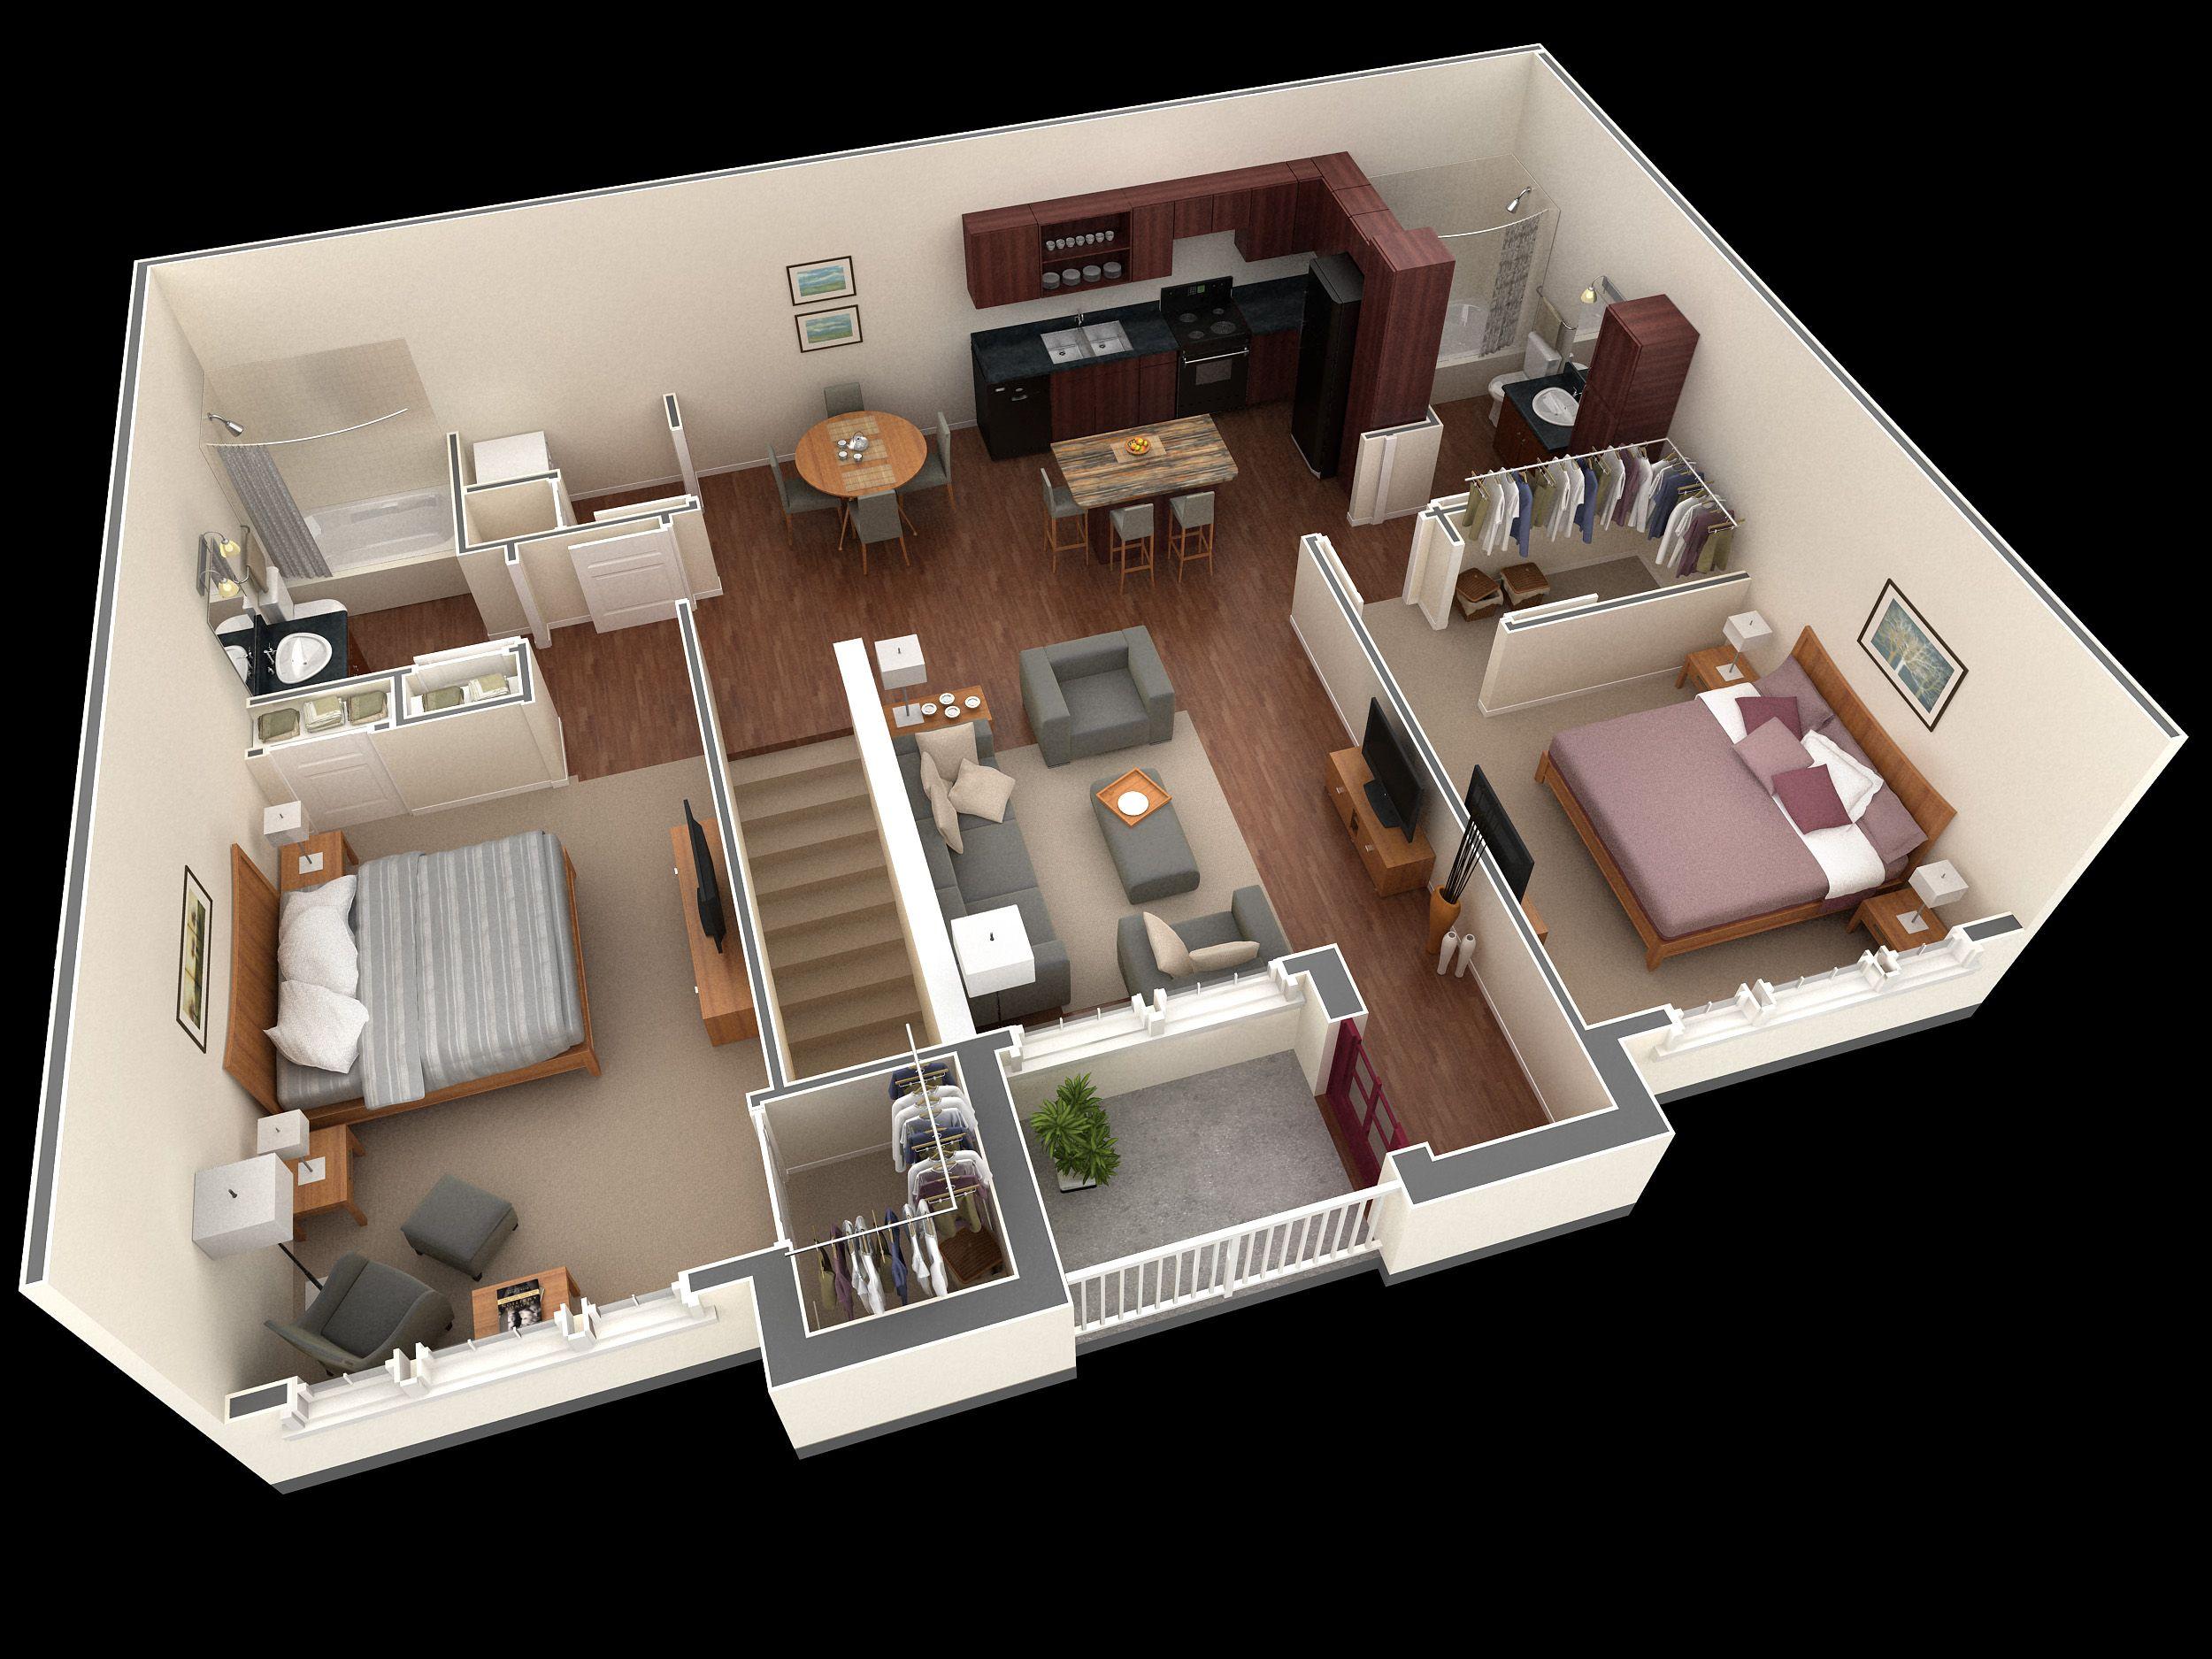 Springs At Greenville New Apartments In Greenville Sc Planos De Construccion De Vivienda Planos De Apartamentos Planos Casa Dos Dormitorios